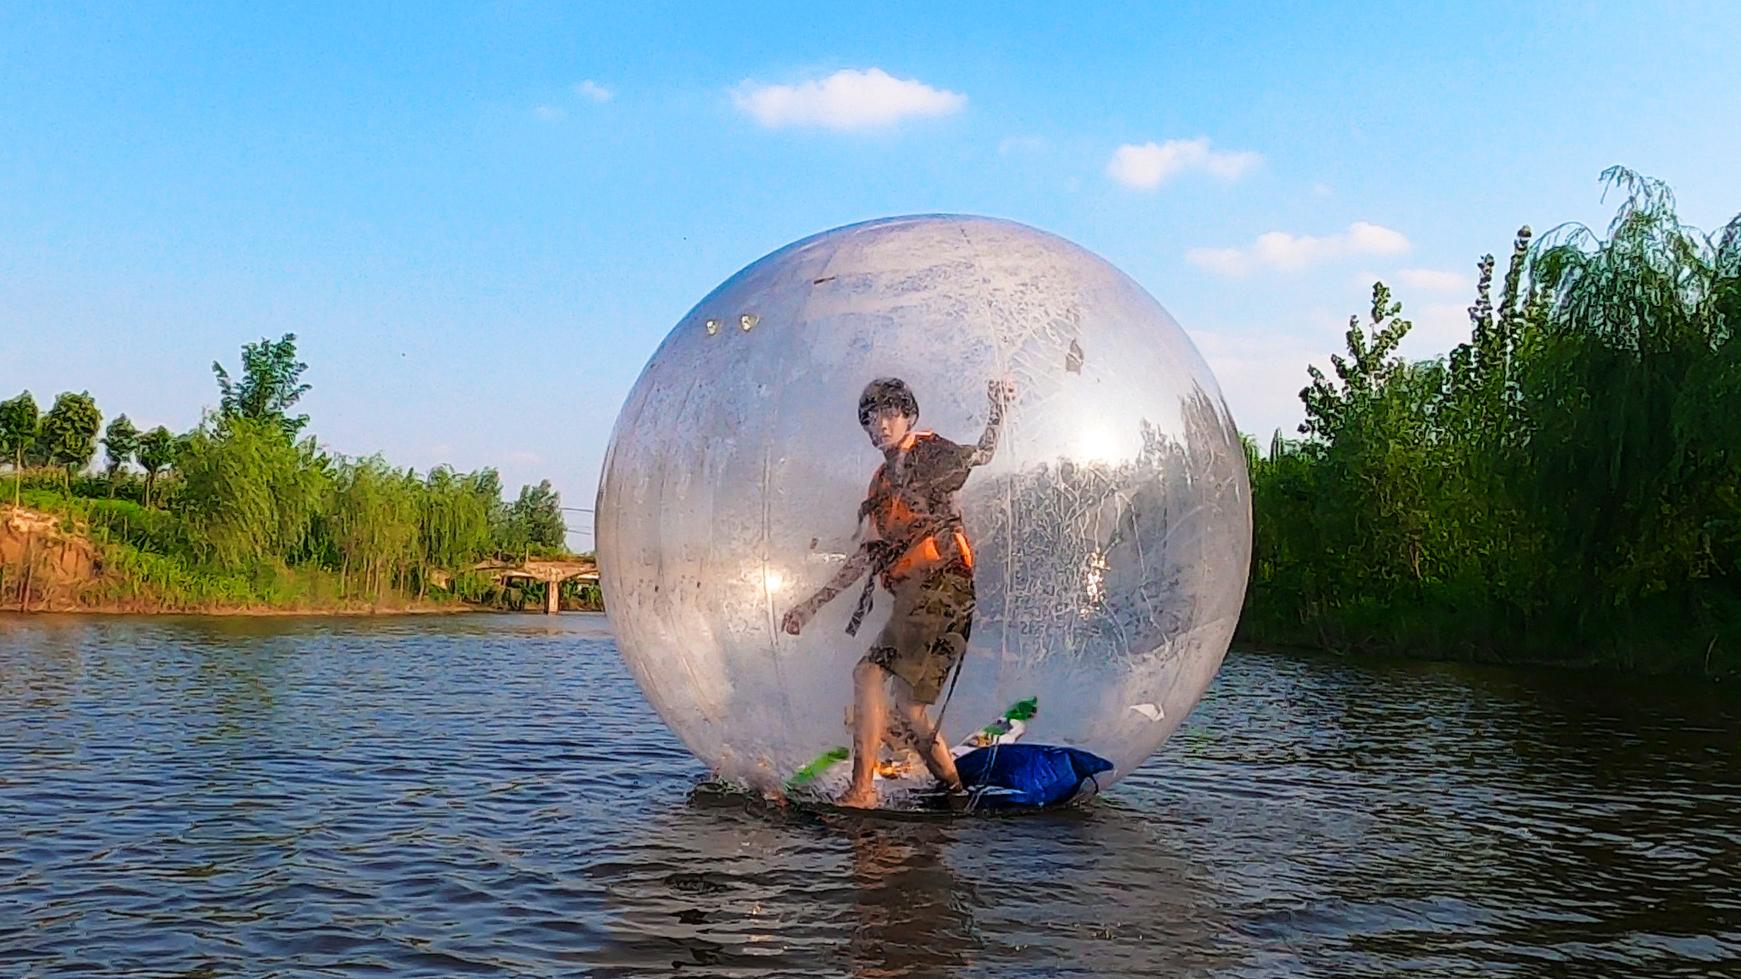 挑战被关在球里漂流!我从河南漂泊到了安徽